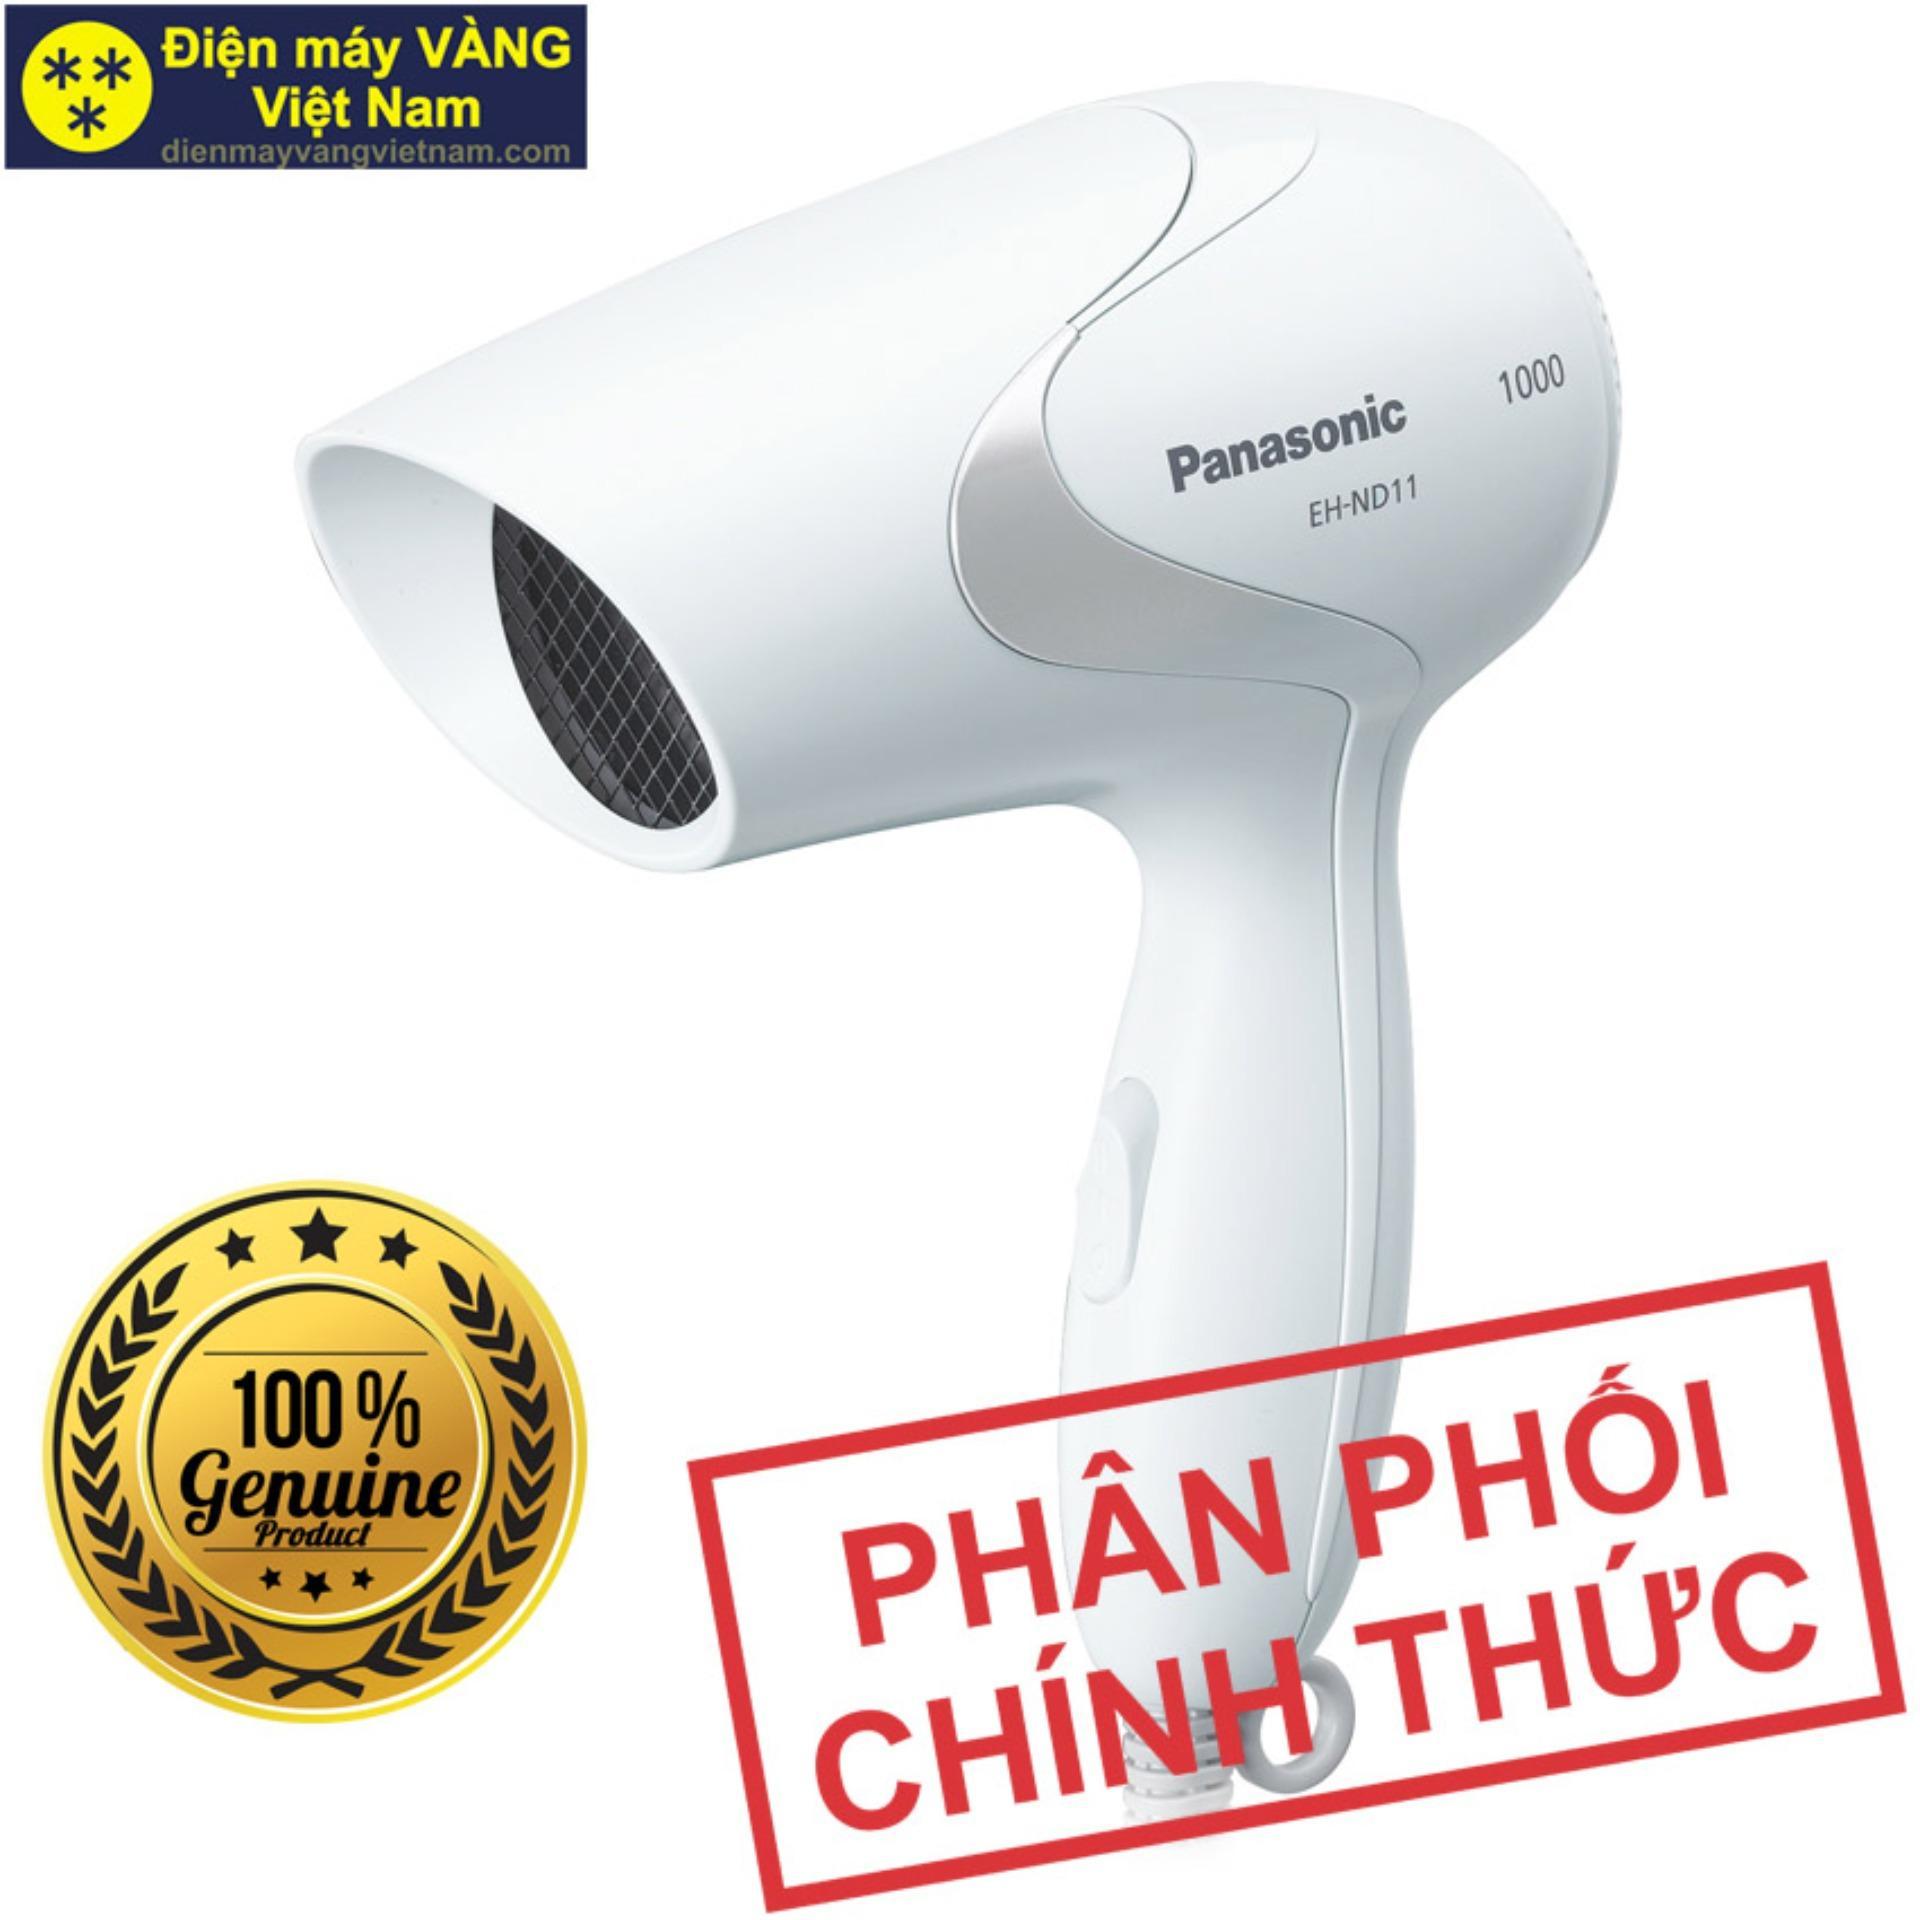 Máy sấy tóc Panasonic EH-ND11-W645 (Trắng) - Hãng phân phối chính thức